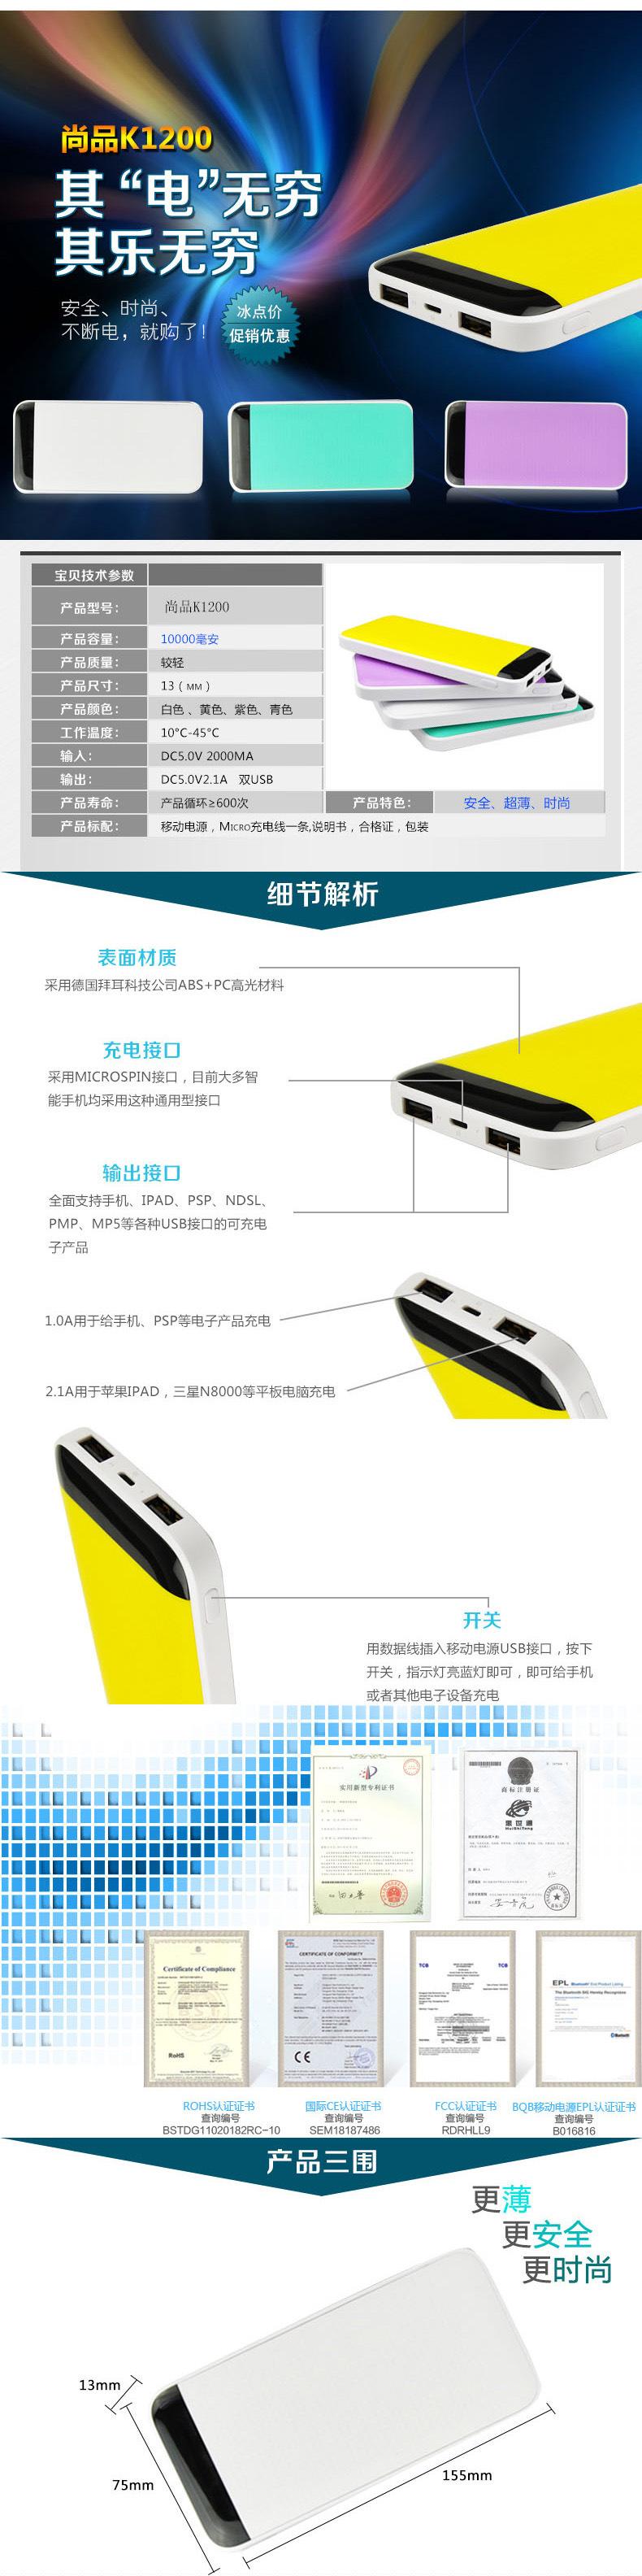 Cửa hàng phụ kiện chất lượng cao   Reputation through mobile phone charging Baoan Zhuo intelligent